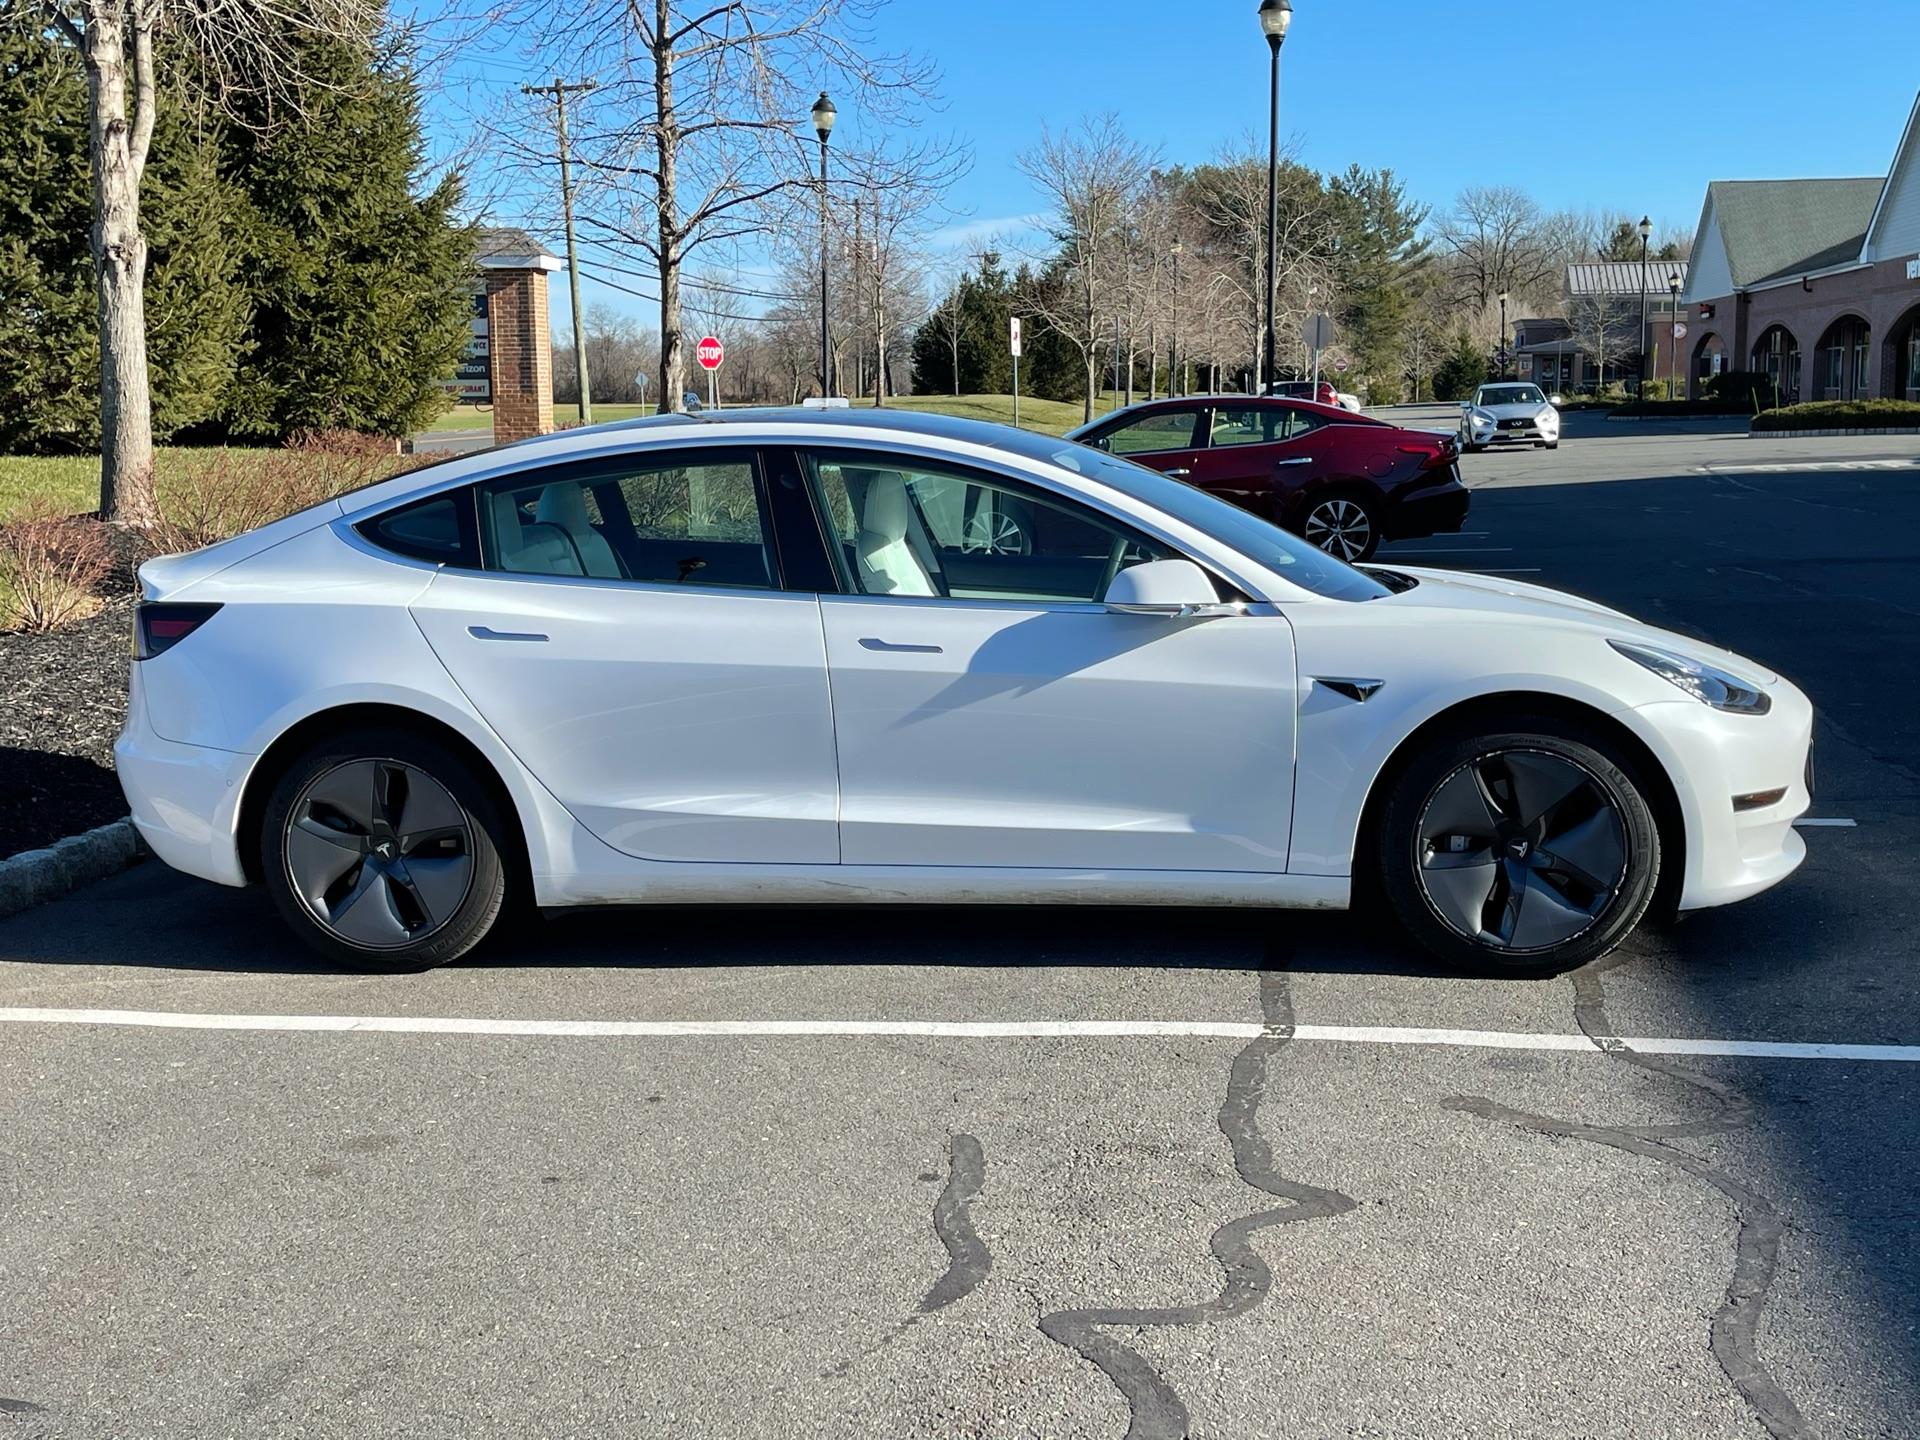 Tesla Model 3 - photo 1